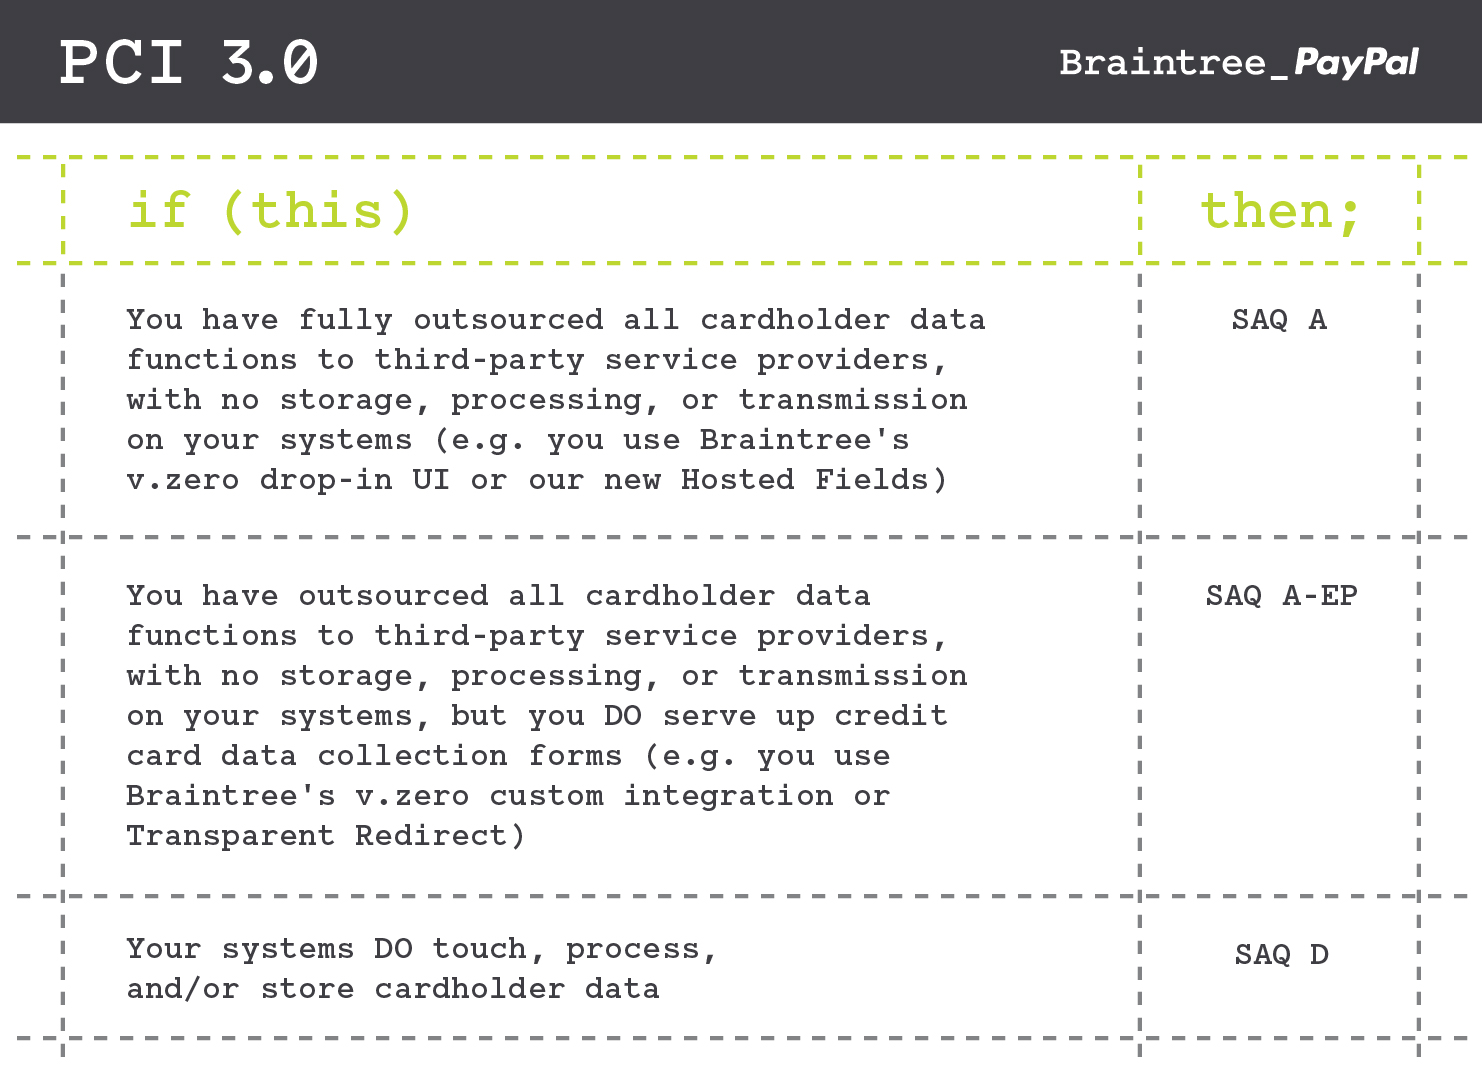 Braintree PCI